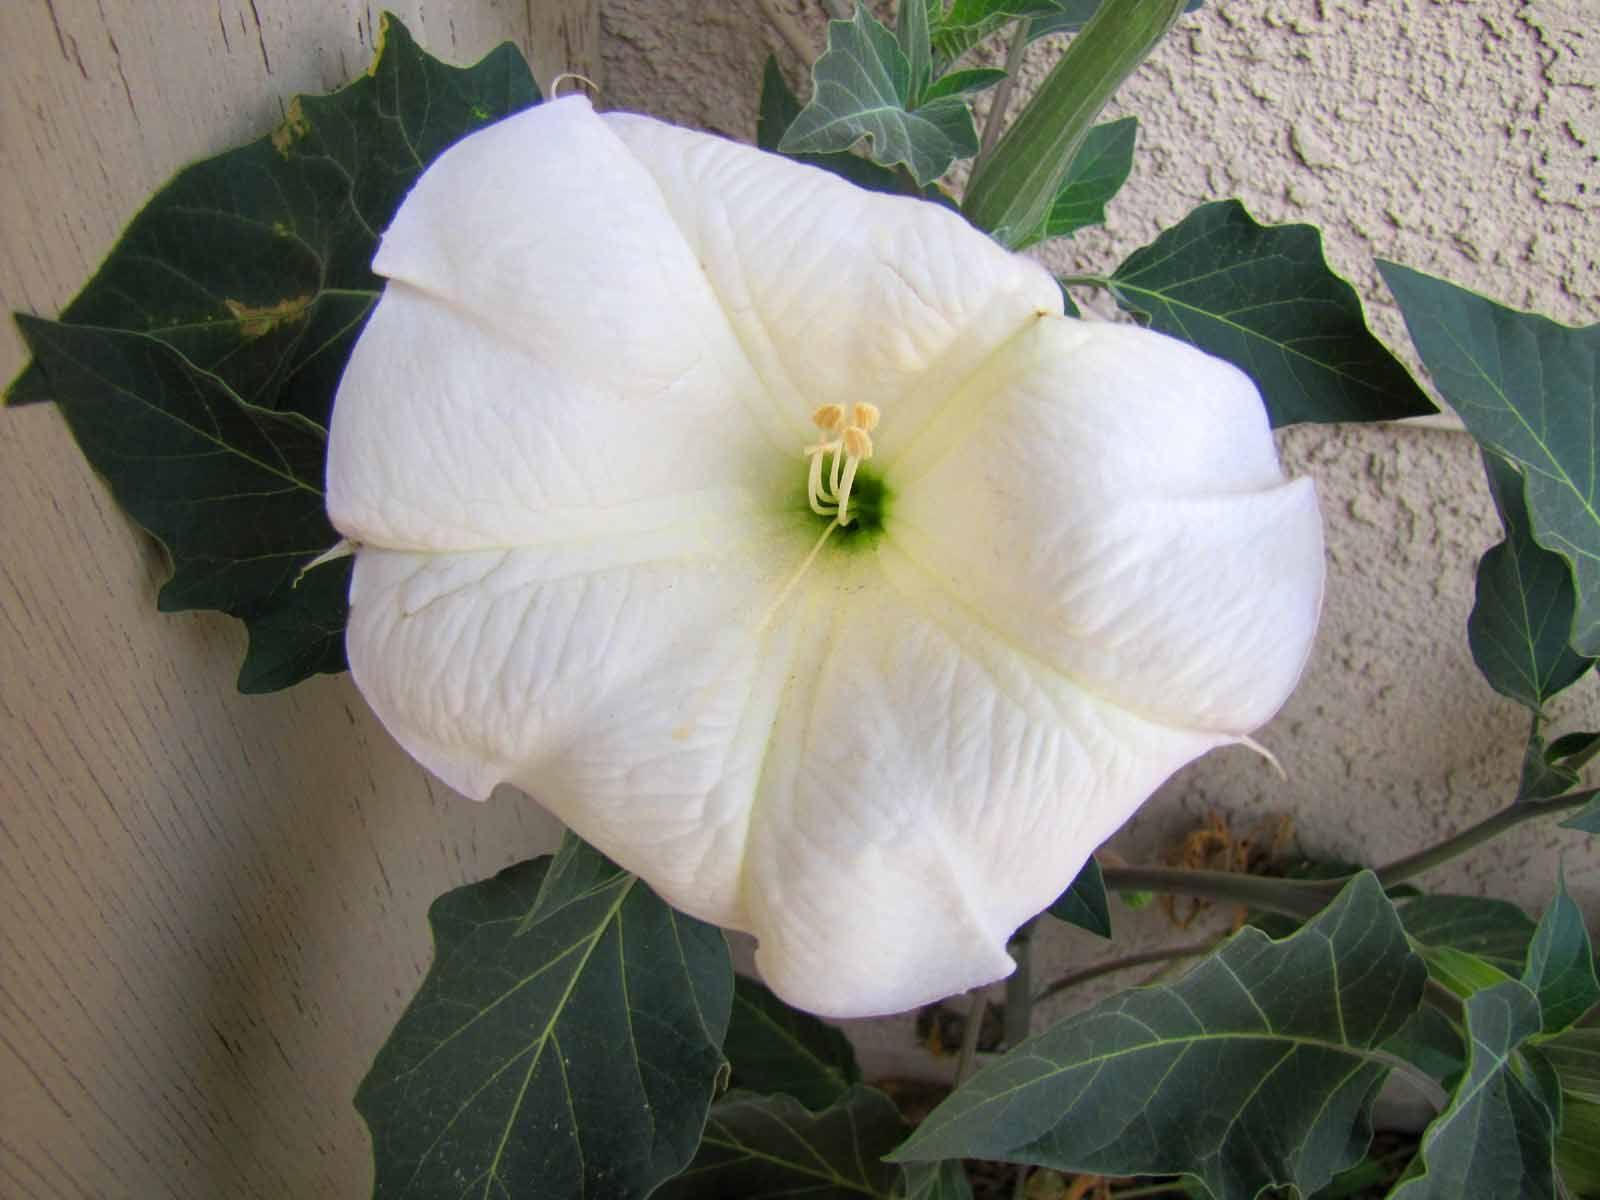 White Desert Bell Flower In Jt Flowers Pinterest Deserts And